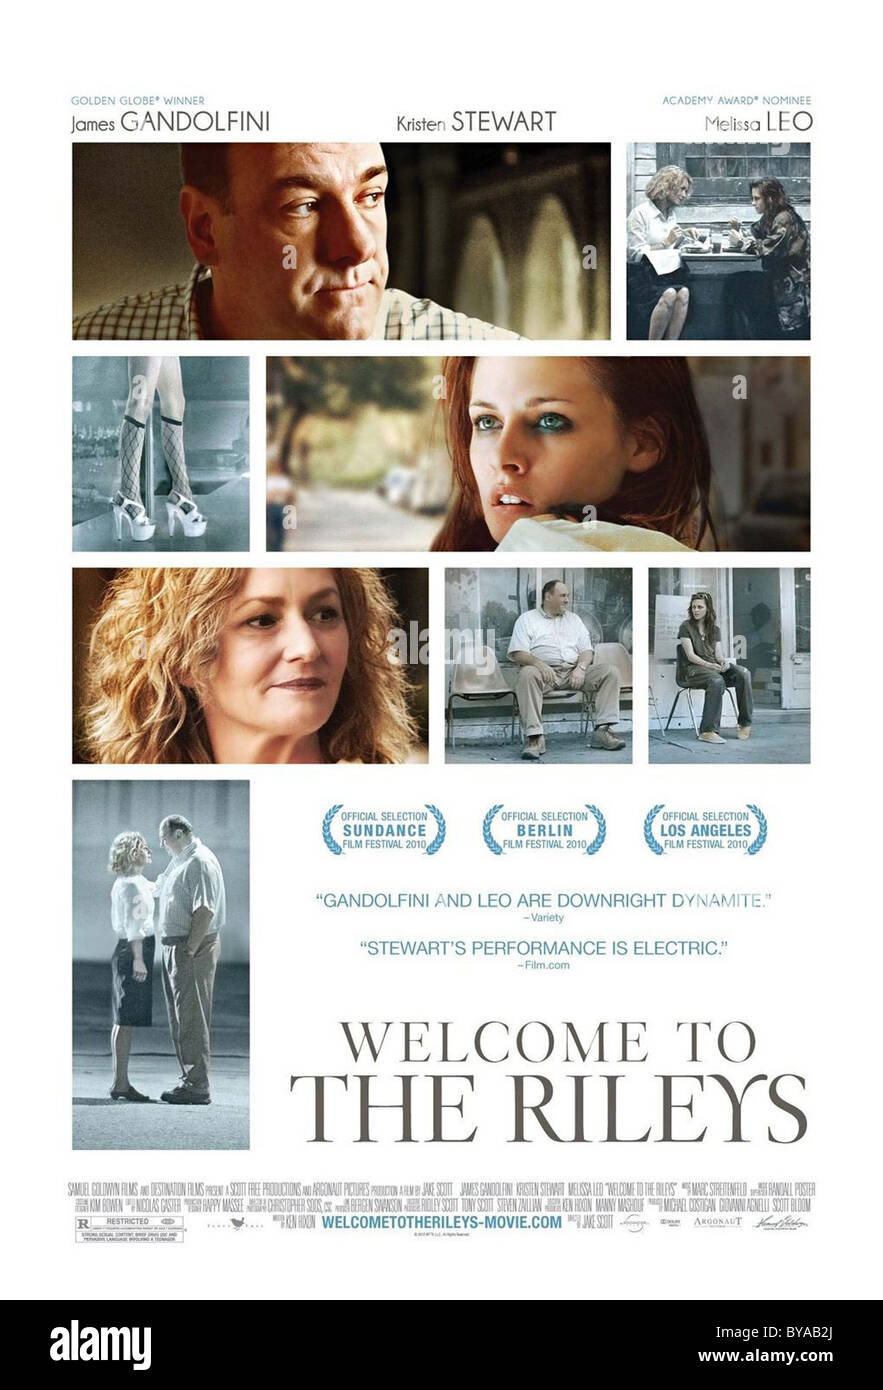 Bienvenido al Año : 2010 Rileys USA / Director Británico : carteles de cine Jake Scott (Estados Unidos) Imagen De Stock